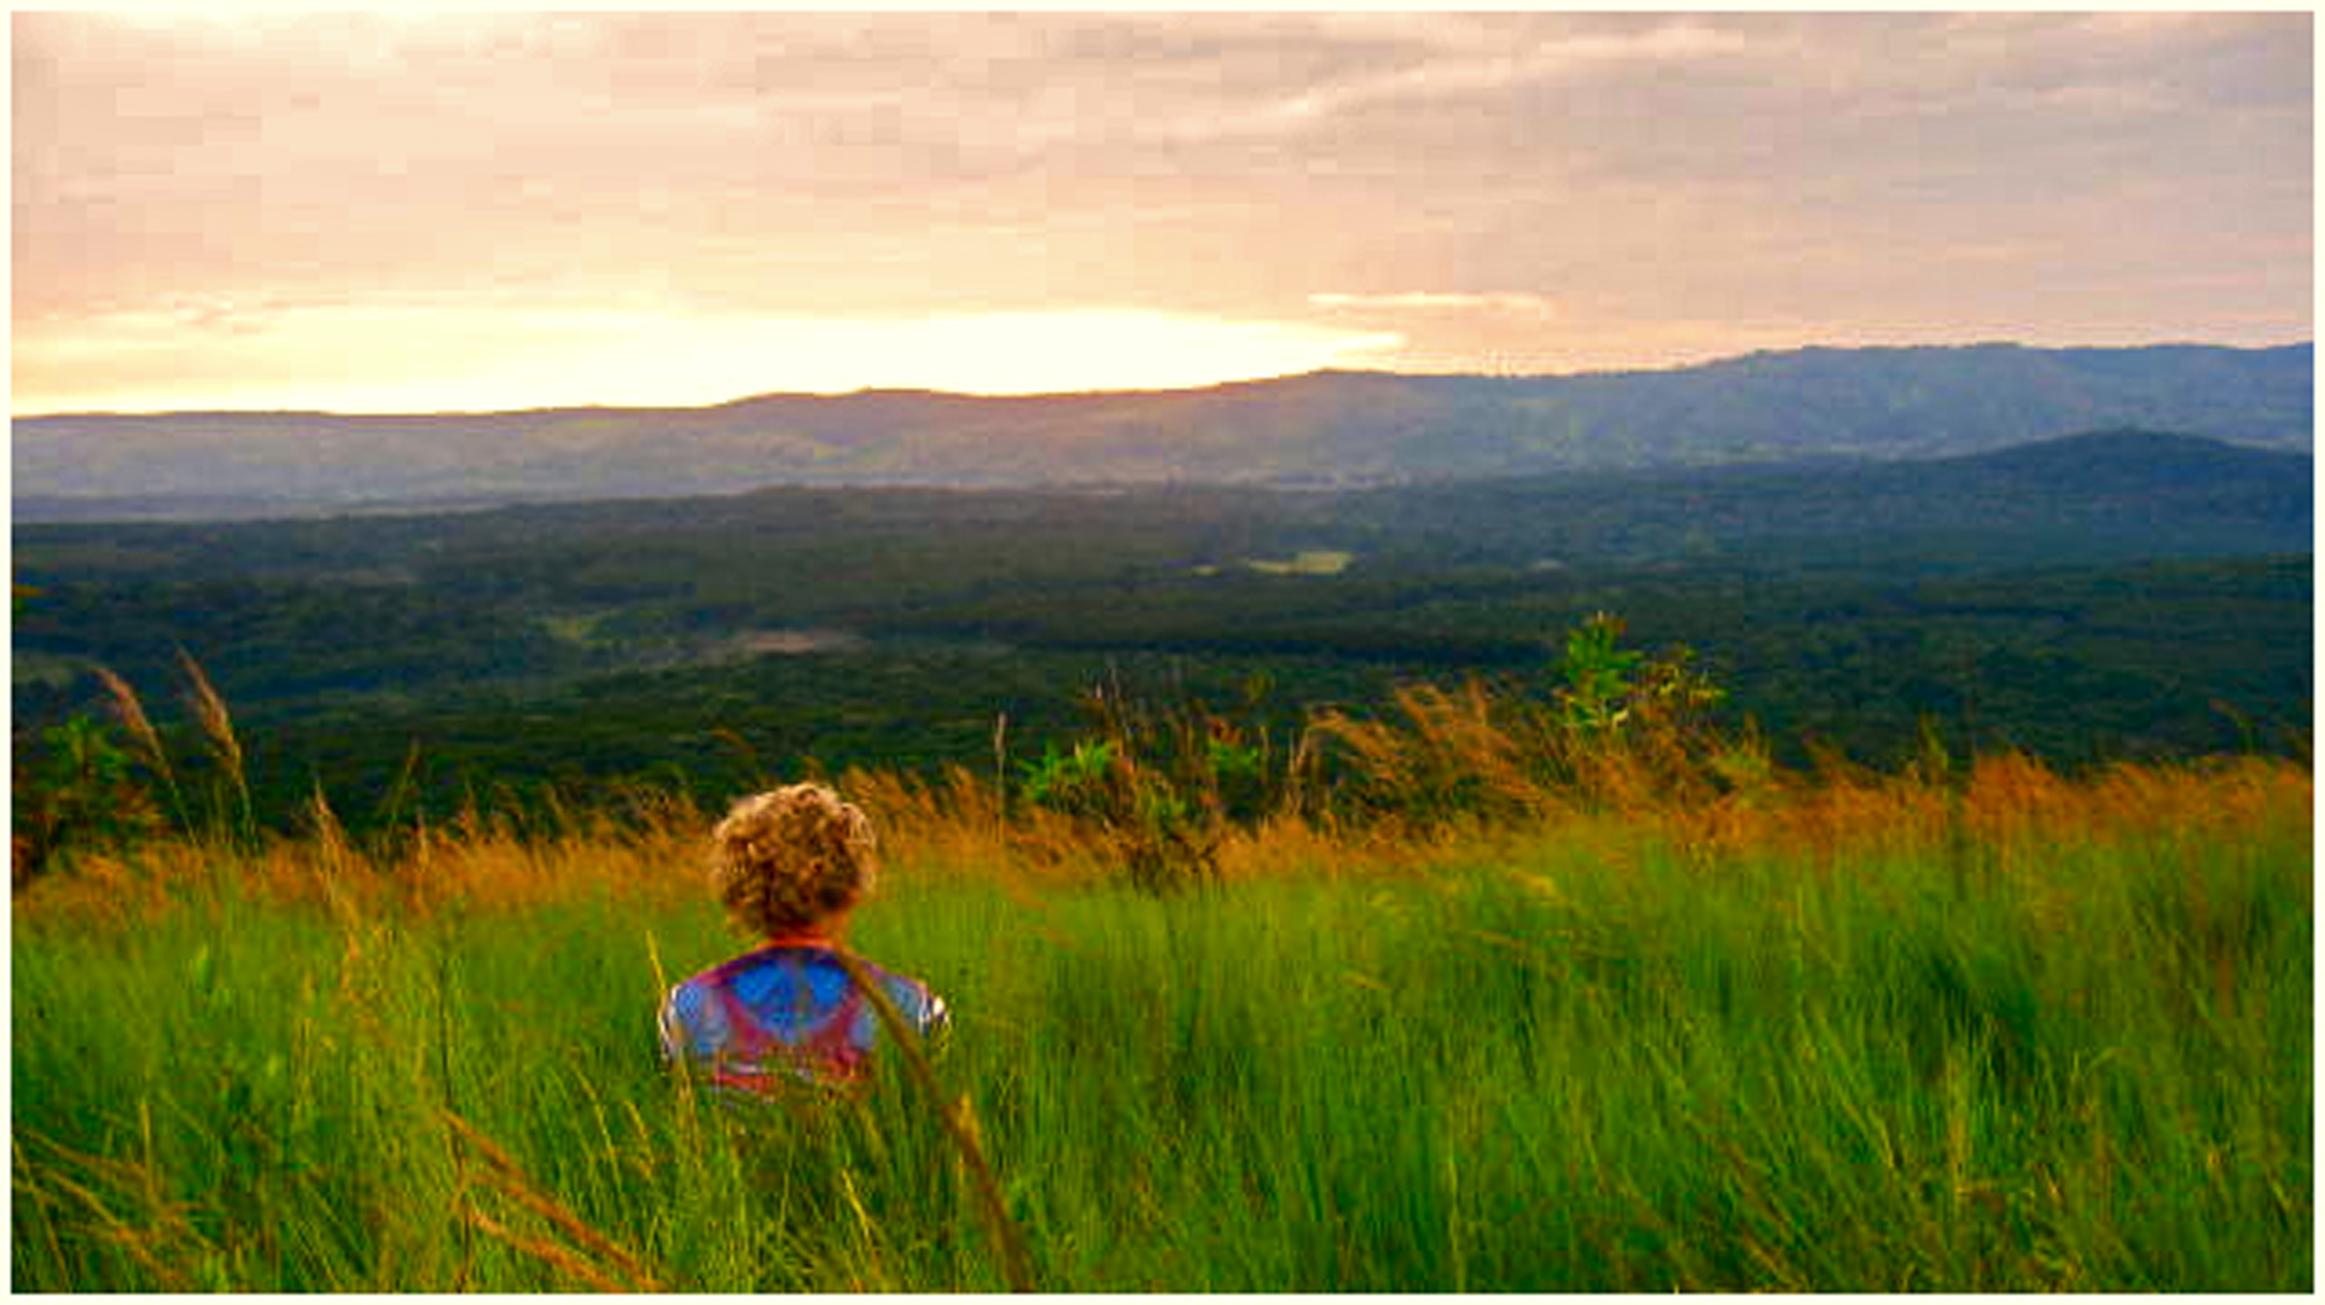 Pamela-Sunrise Kakamega Rainforest 300dpi 022117.jpg